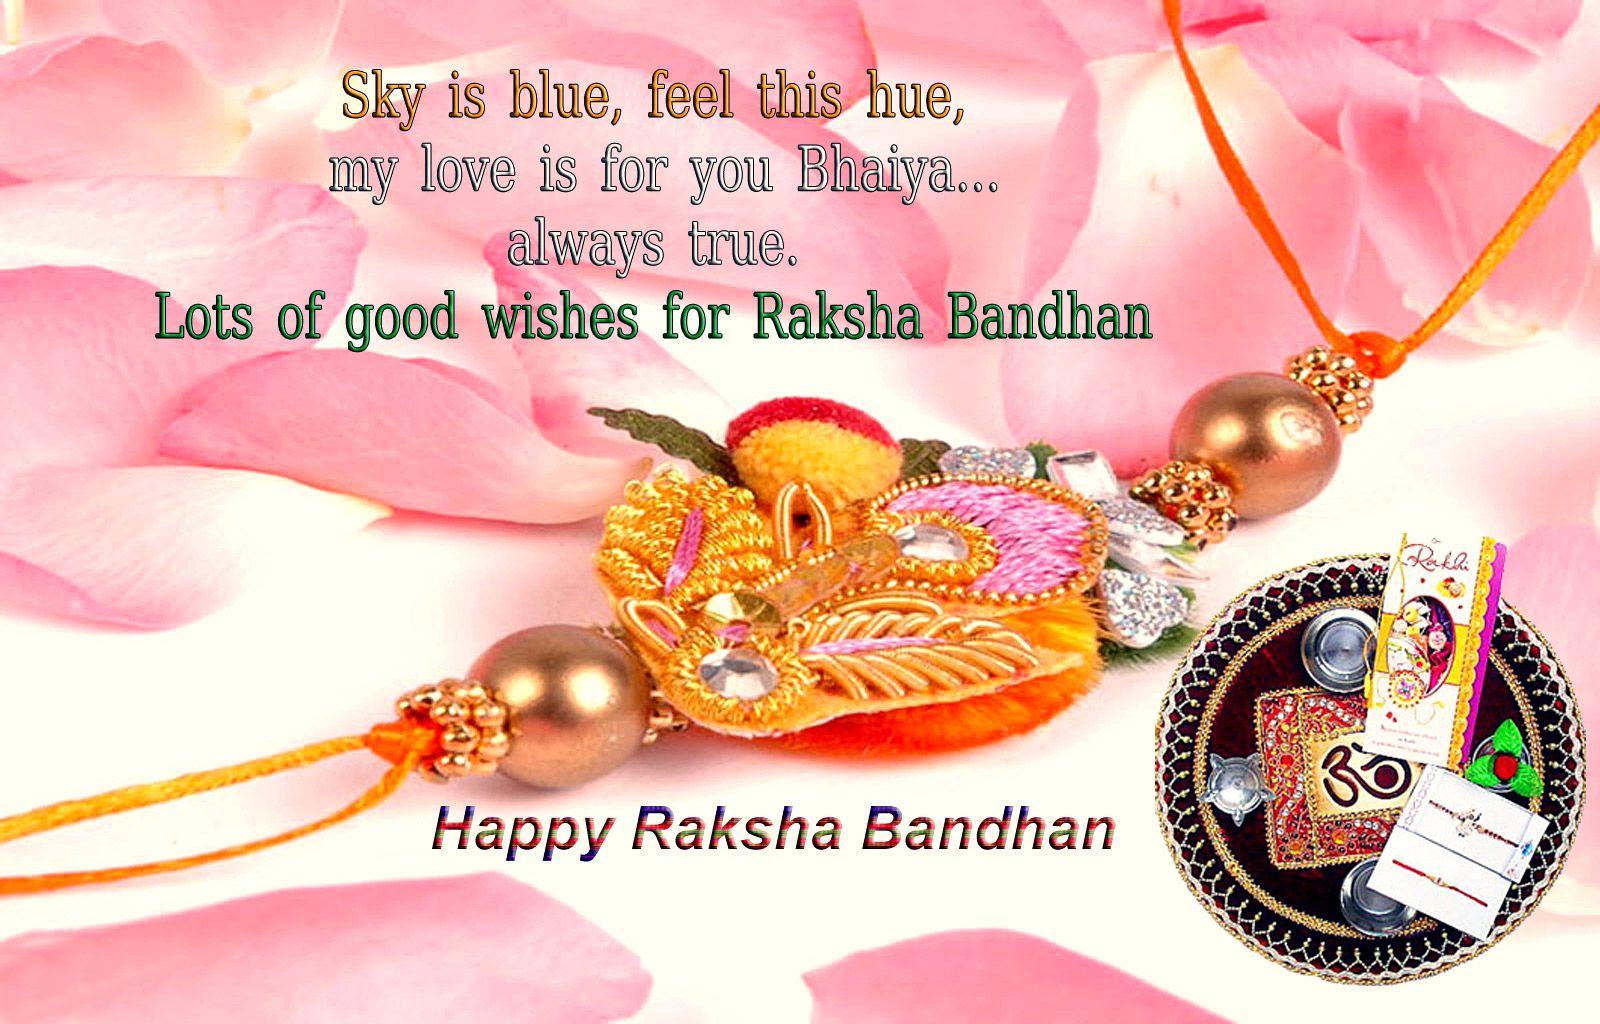 Happy Raksha Bandhan Messages Raksha Bandhan Pinterest Raksha